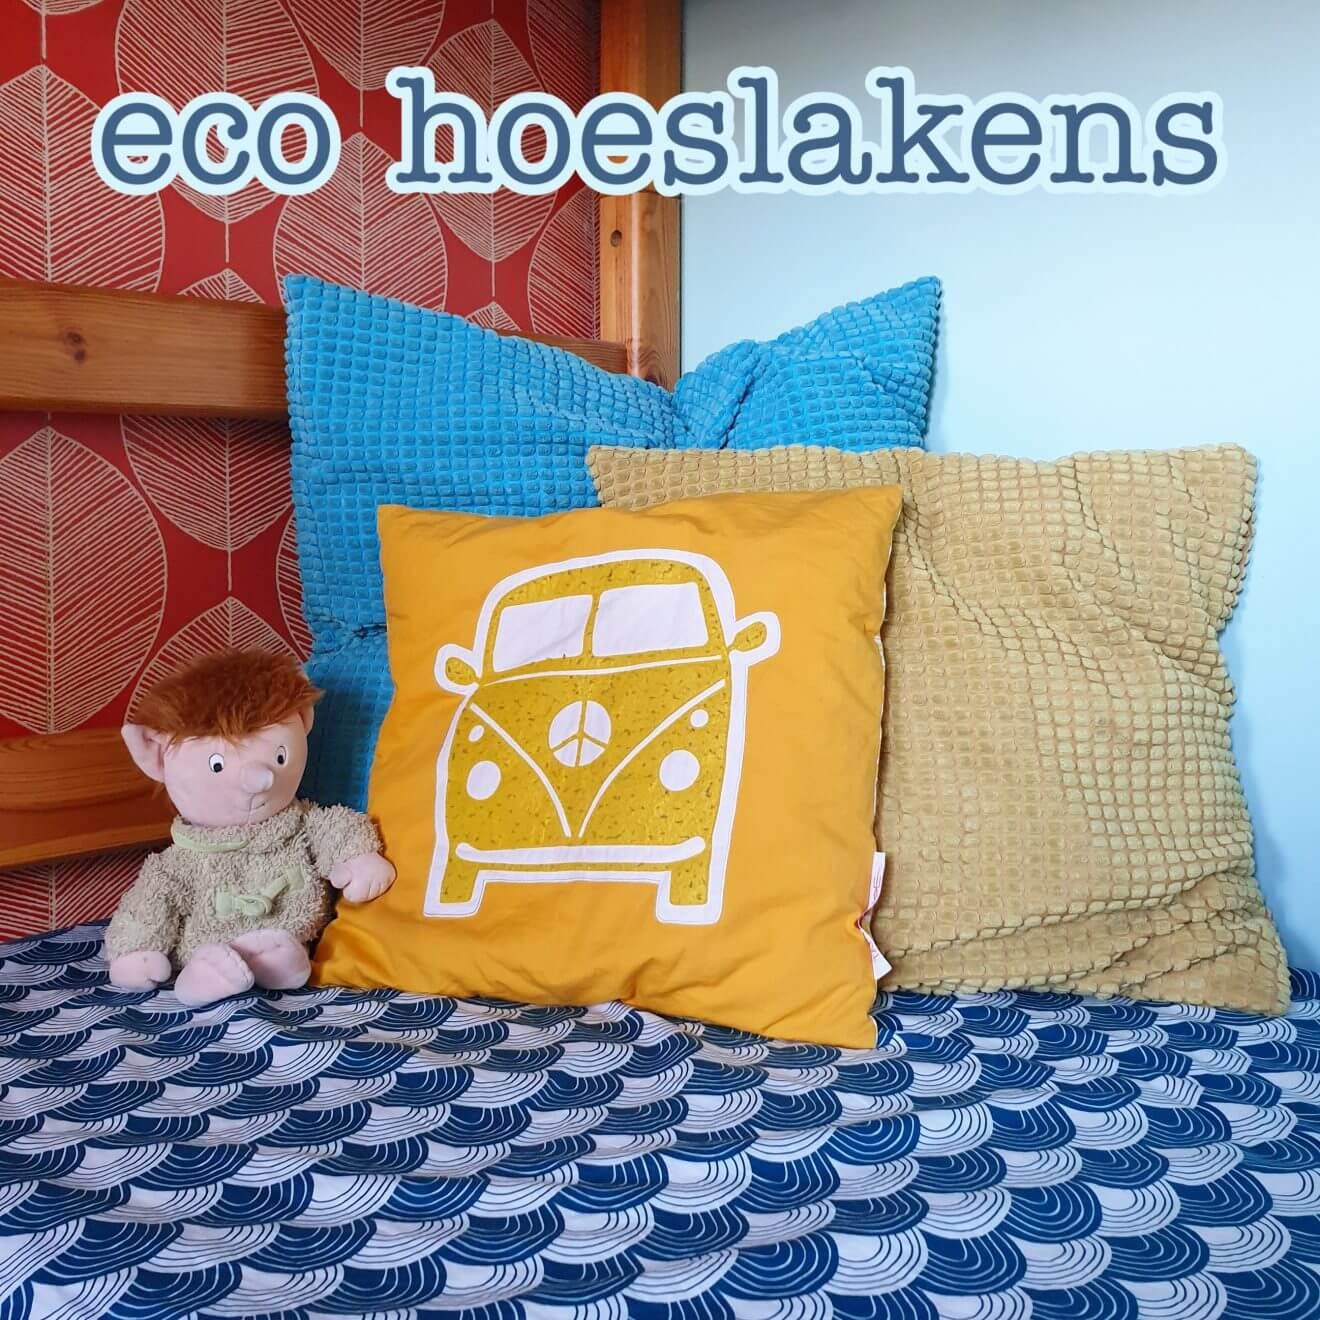 Eco hoeslaken van Swedish Linens voor kinderbed in alle maten